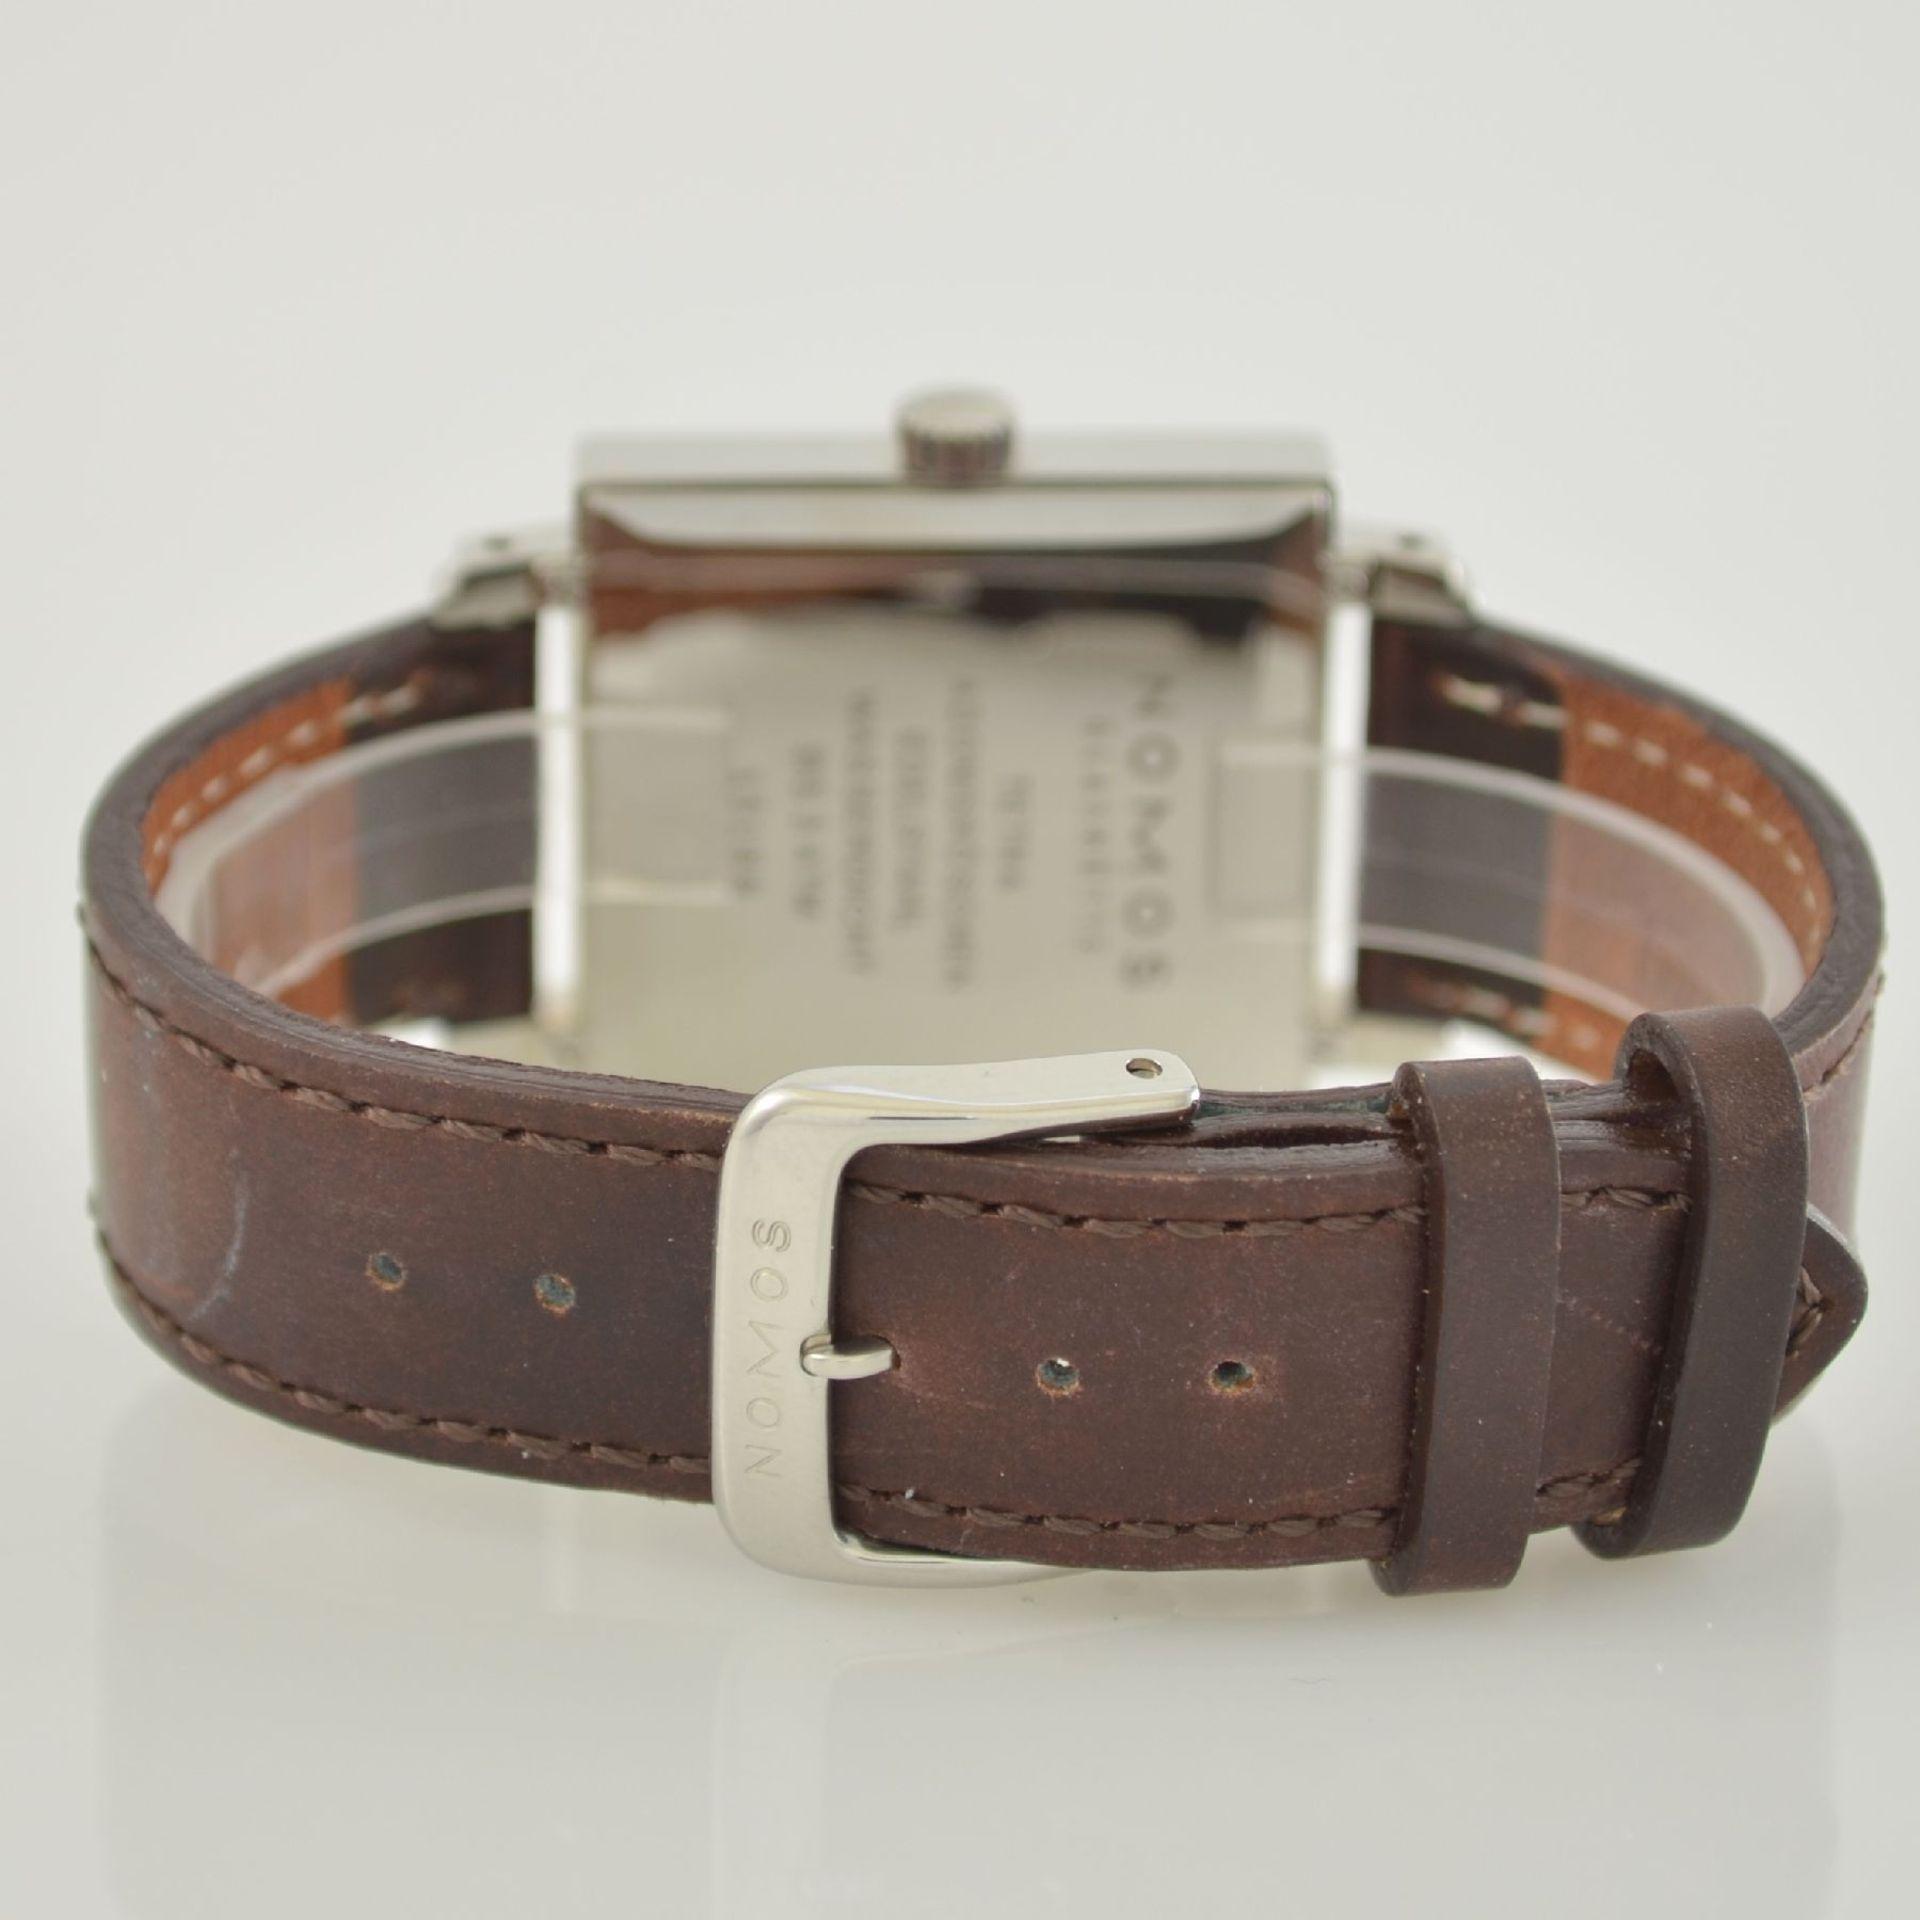 NOMOS Tetra Adonisröschen Armbanduhr in Edelstahl, Deutschland um 2010, Handaufzug, quadratisches - Bild 5 aus 6